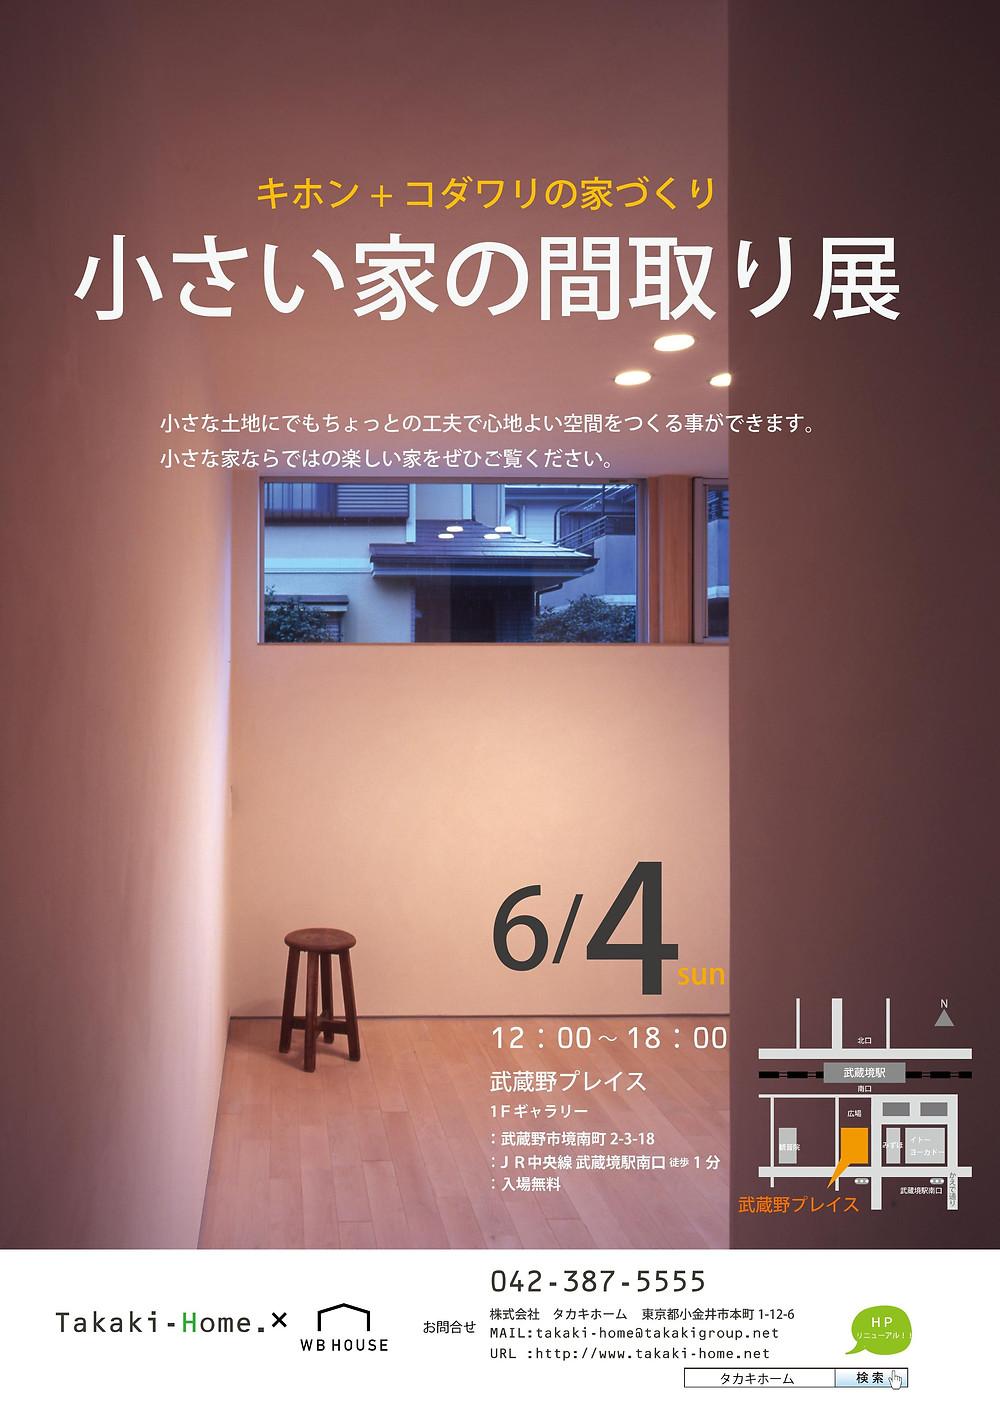 小さな間取り展1/ 小金井・武蔵野エリア/注文住宅 タカキホーム